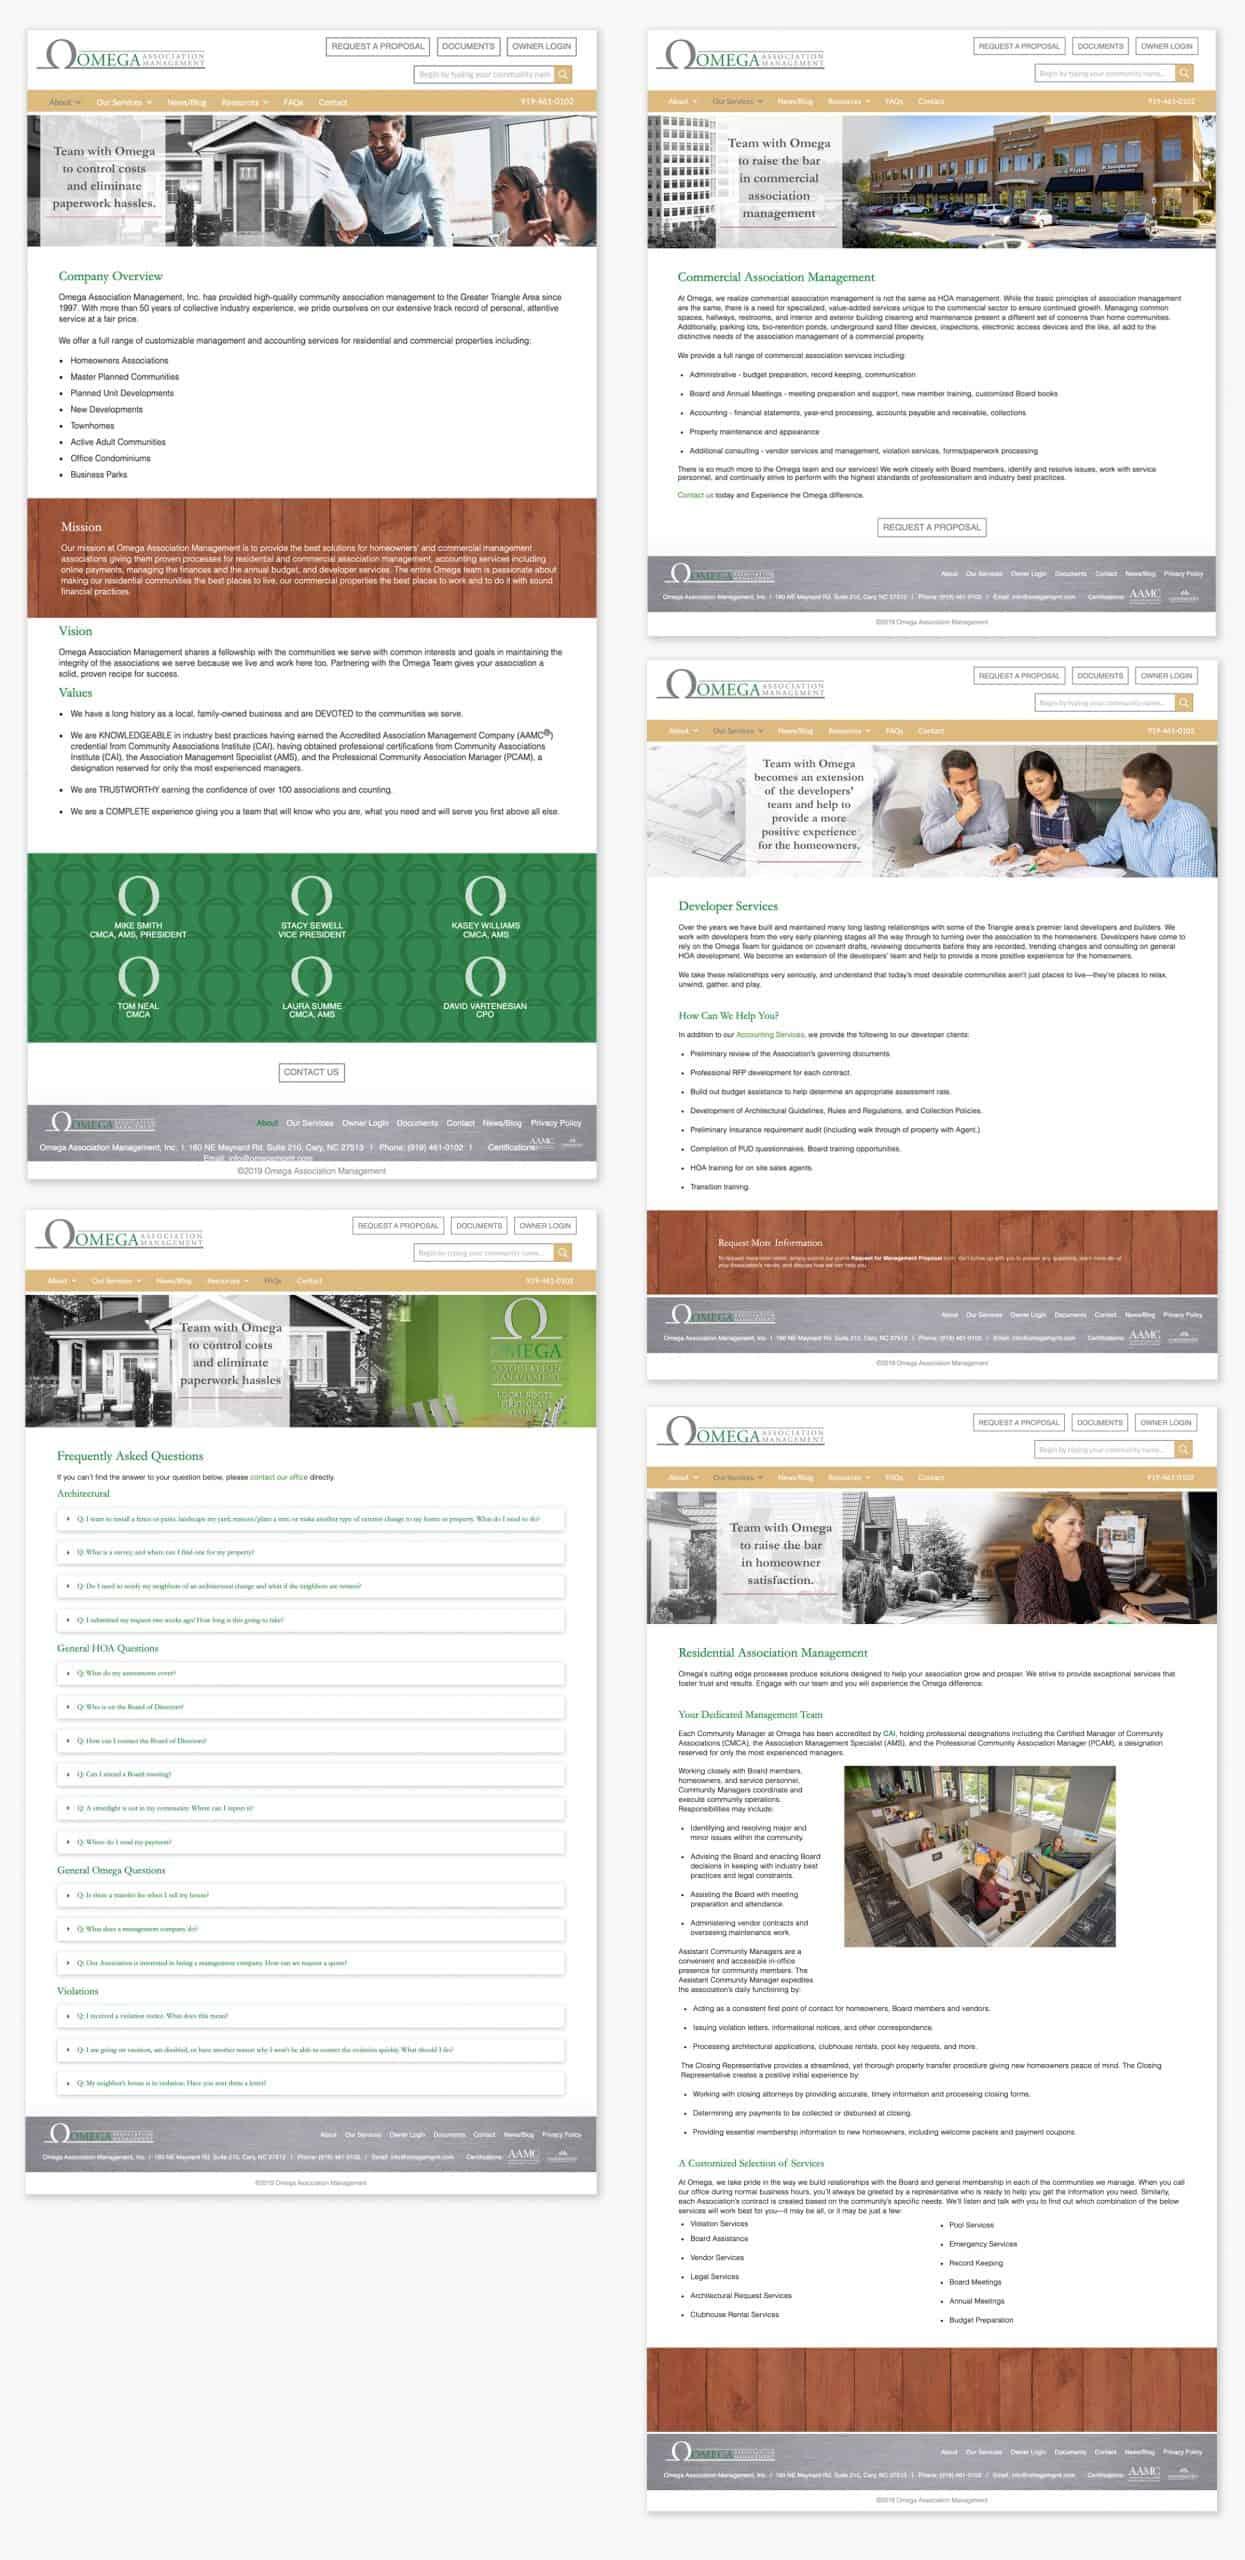 Omega Association Website